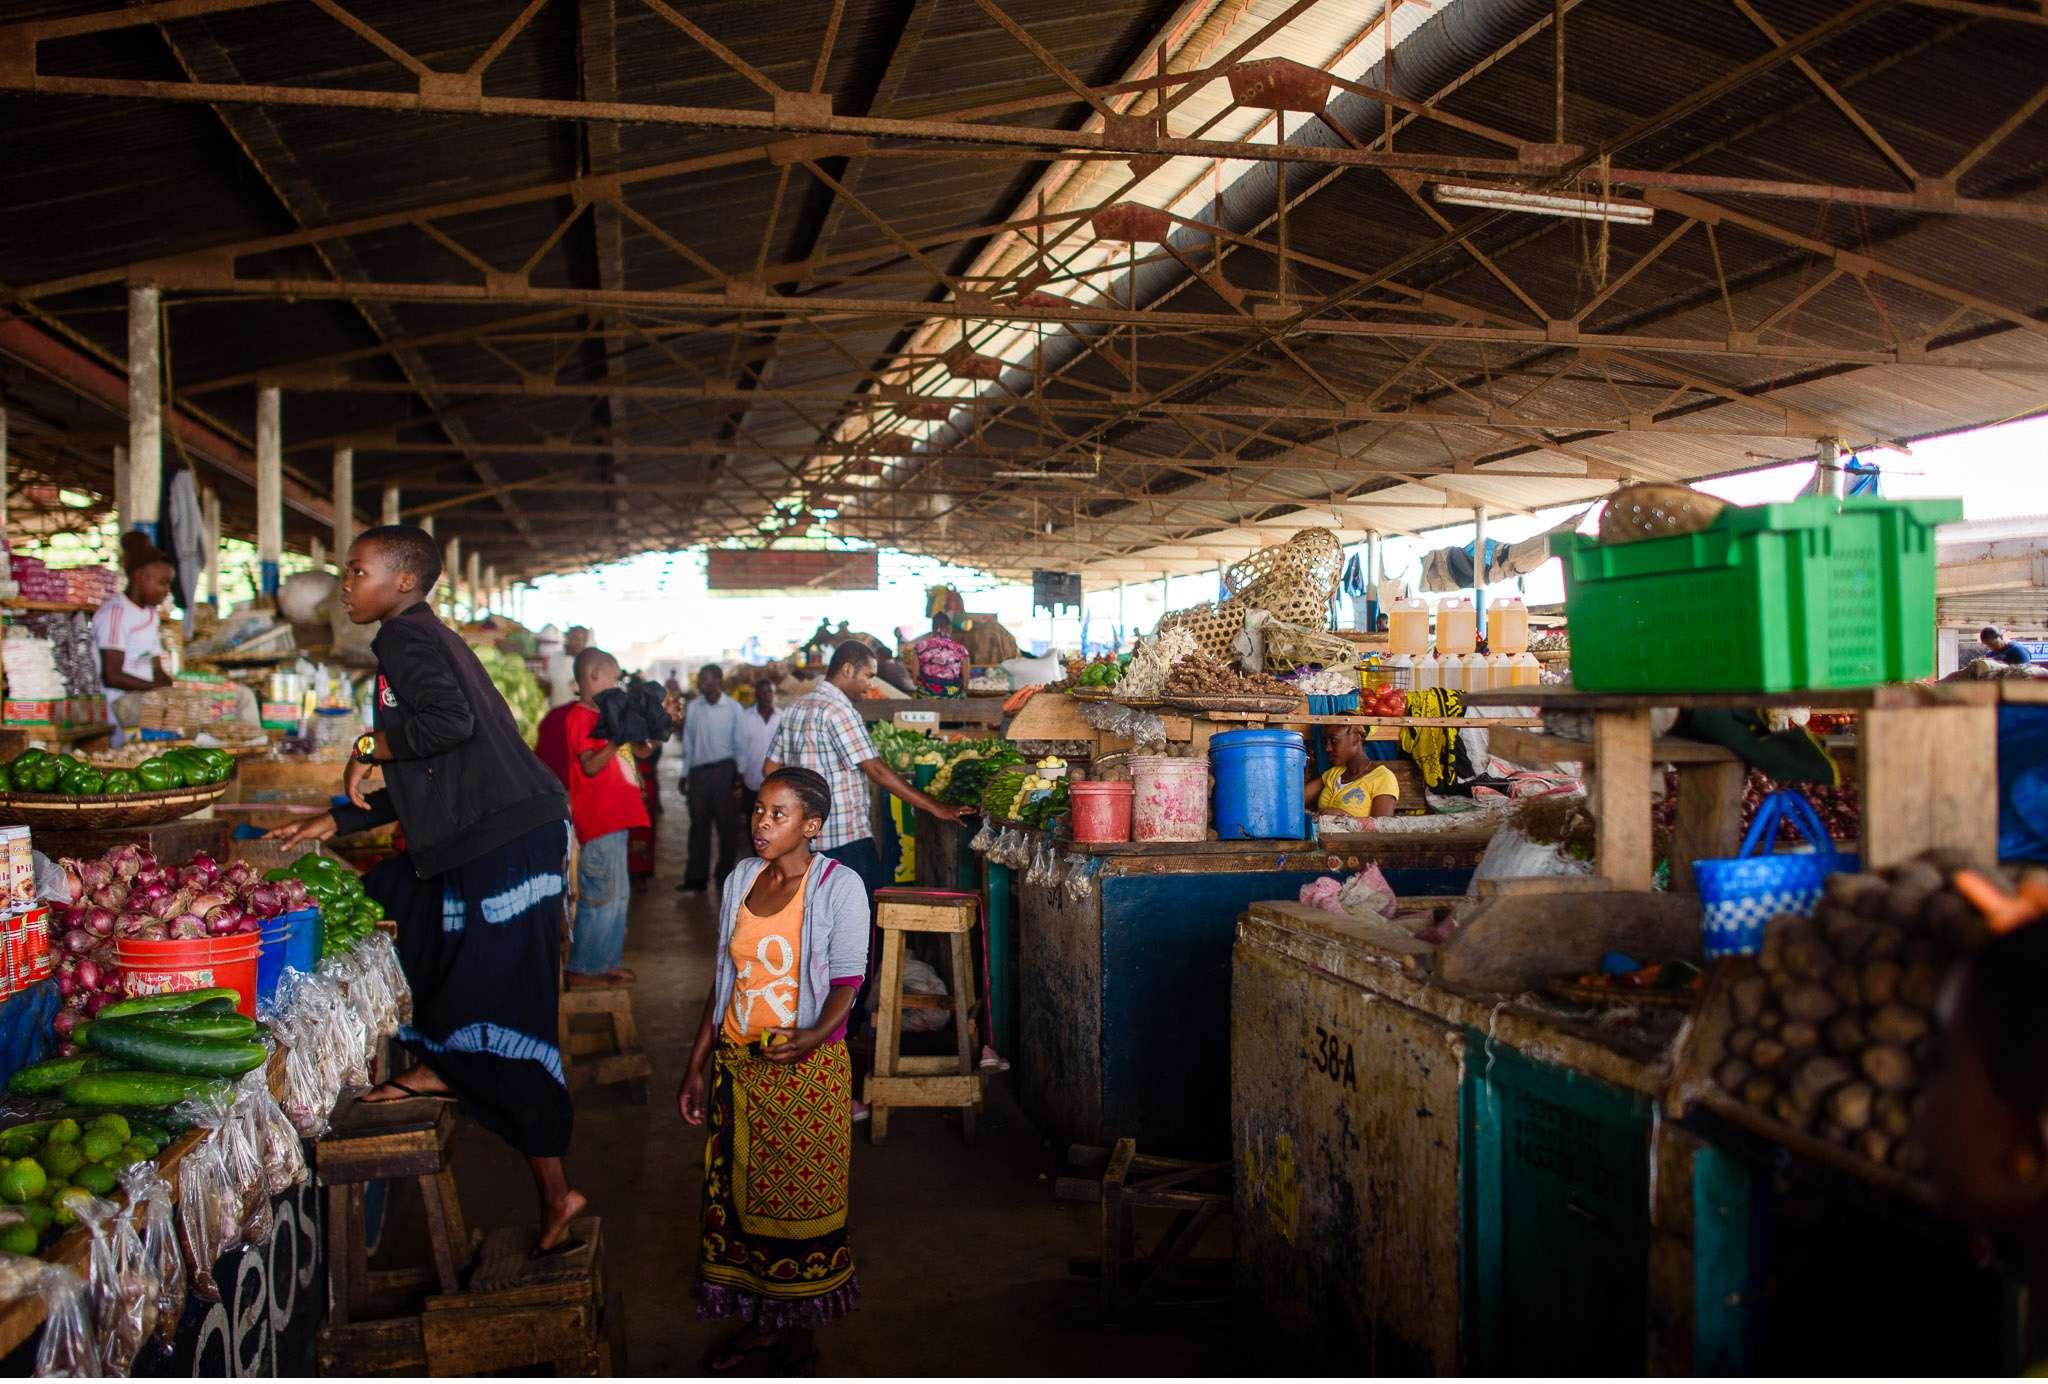 Malawi-Quer durch Afrika- Geschichten von unterwegs by Marion and Daniel-115